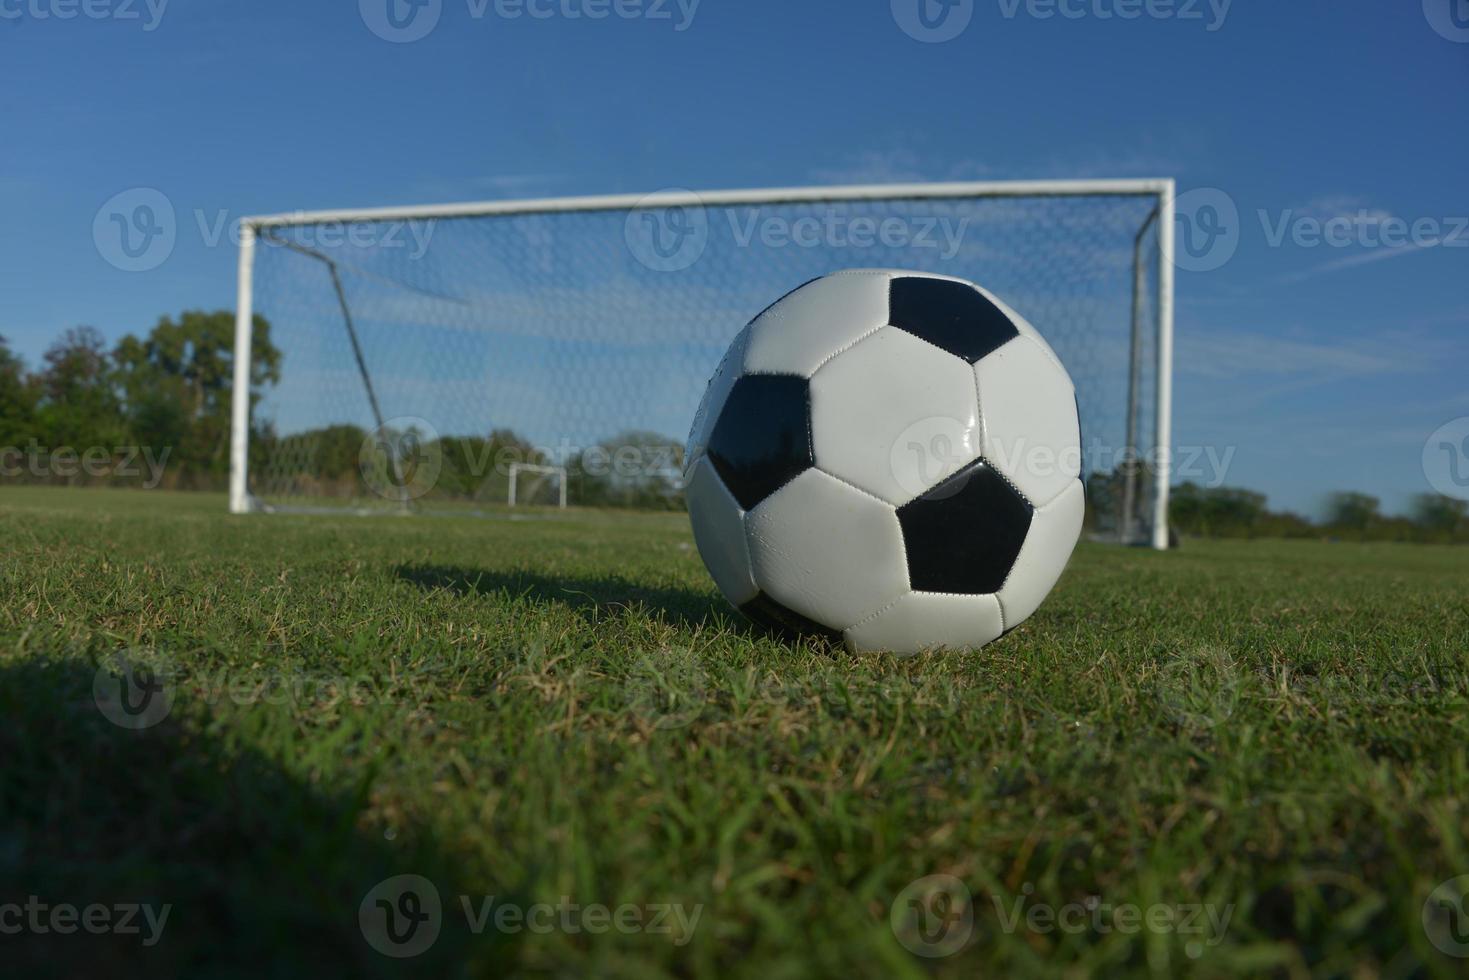 voetbal voor doel foto